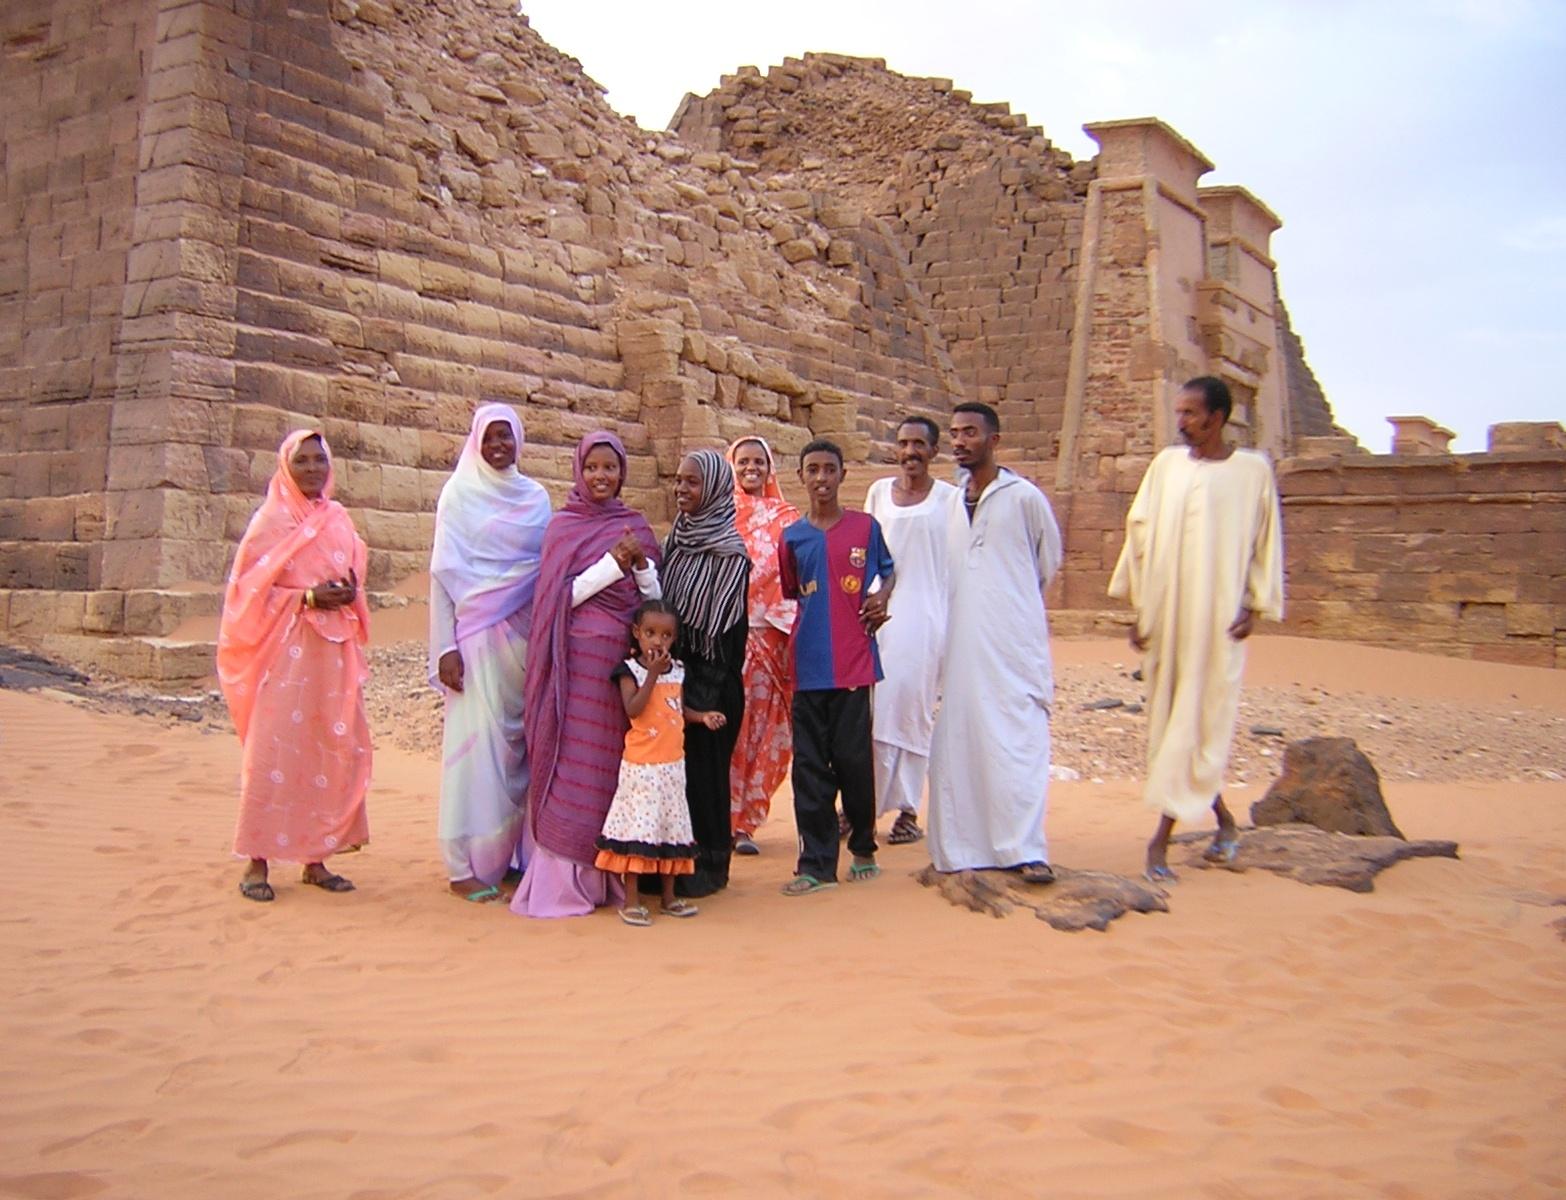 piramidoj en meroe (sudano) 006.jpg